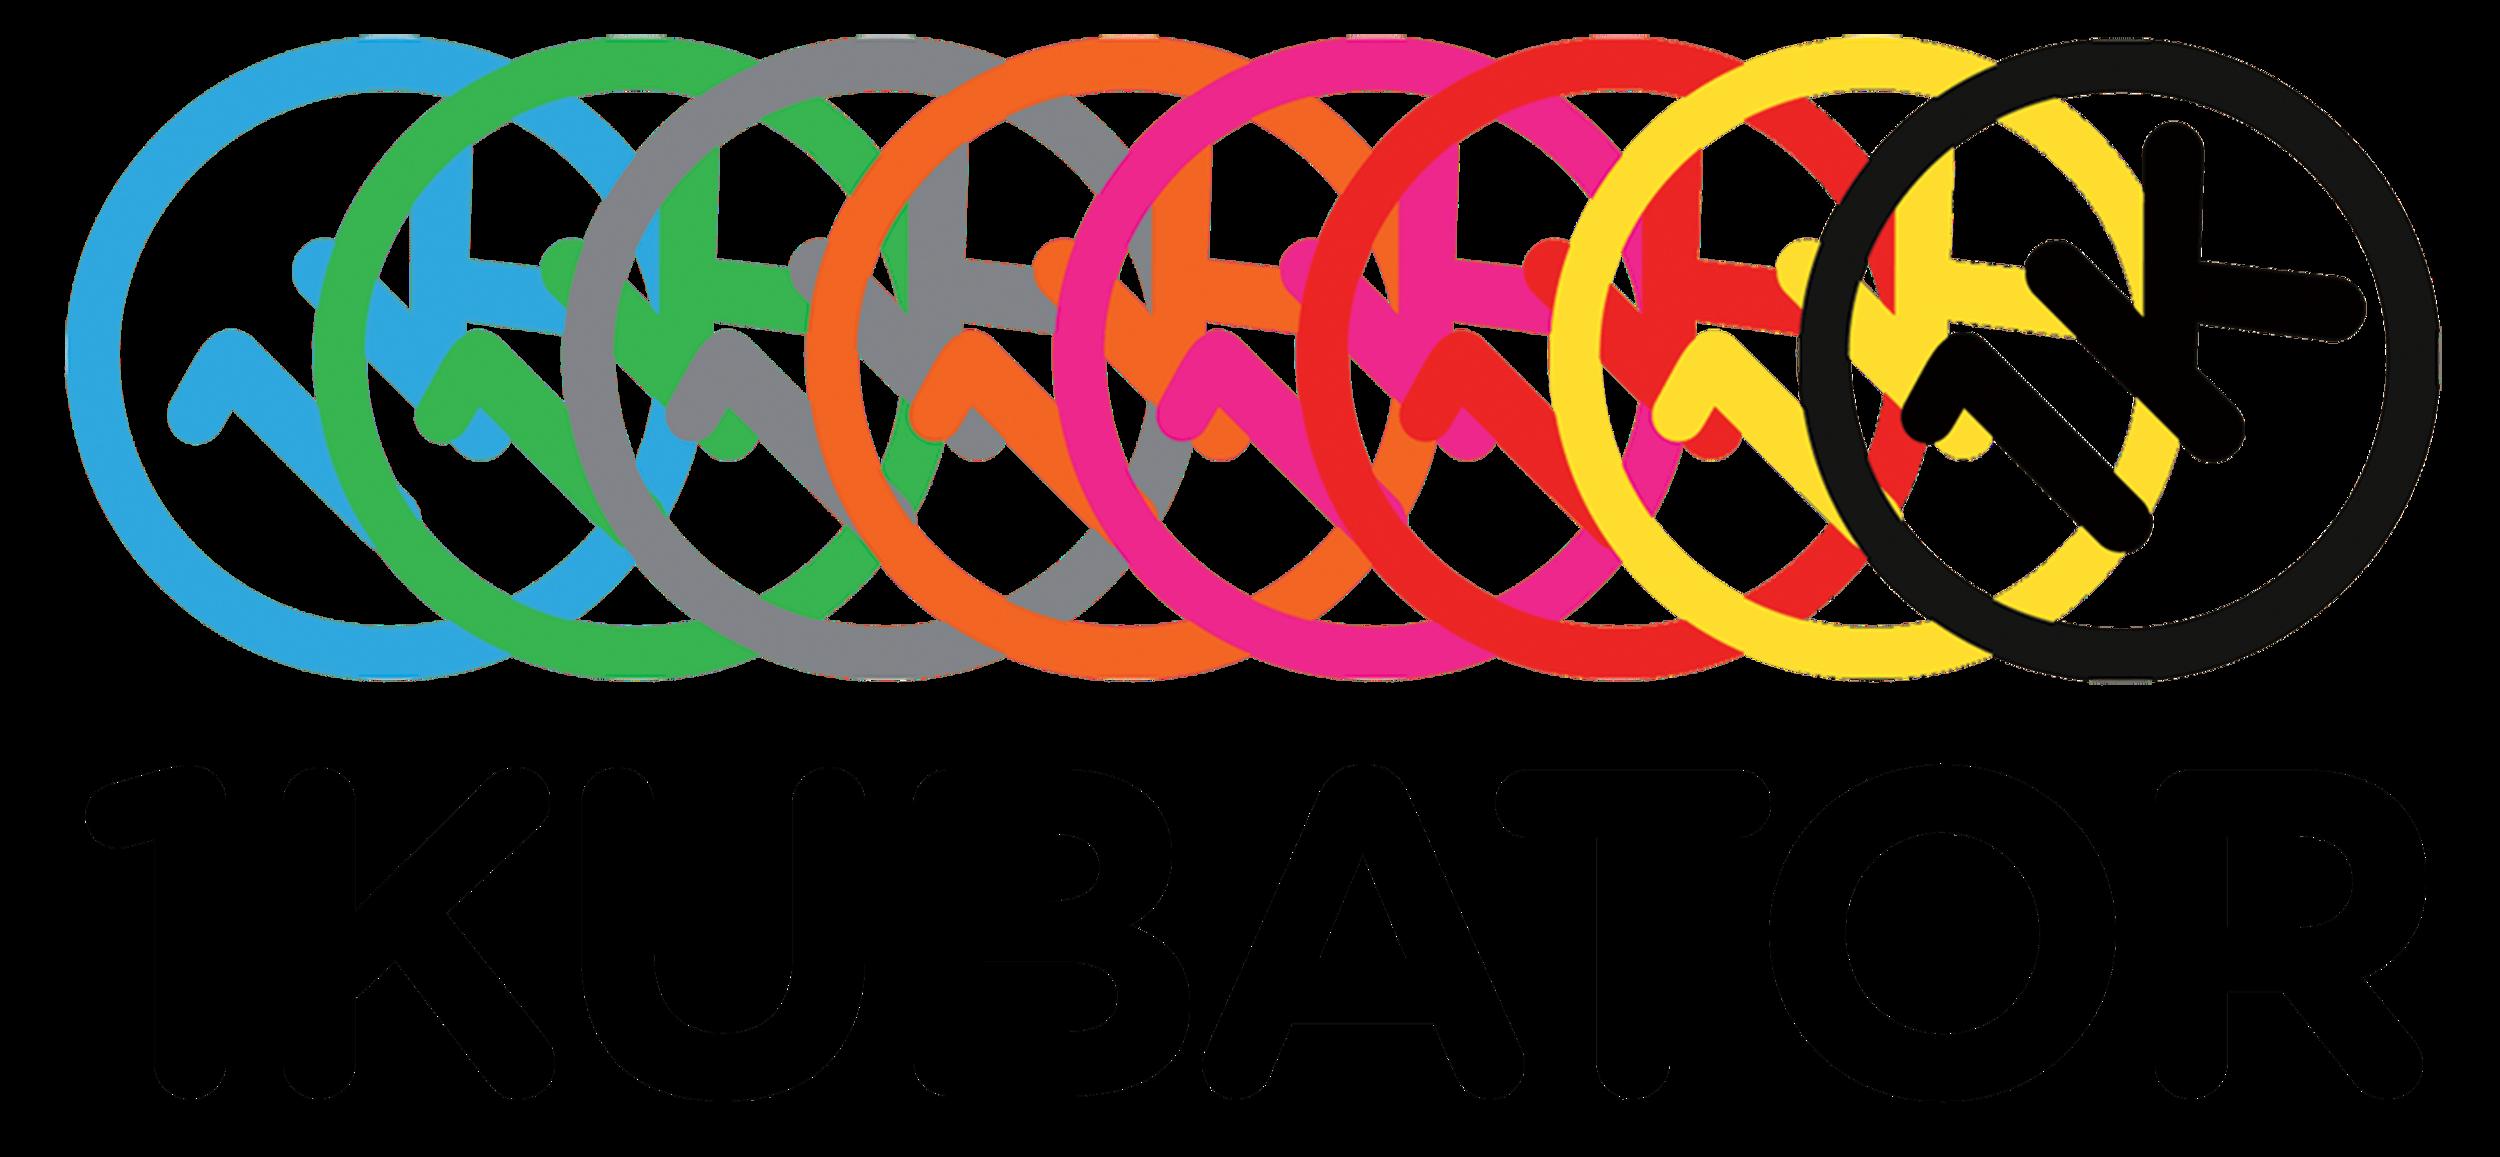 logo-1kubator.png